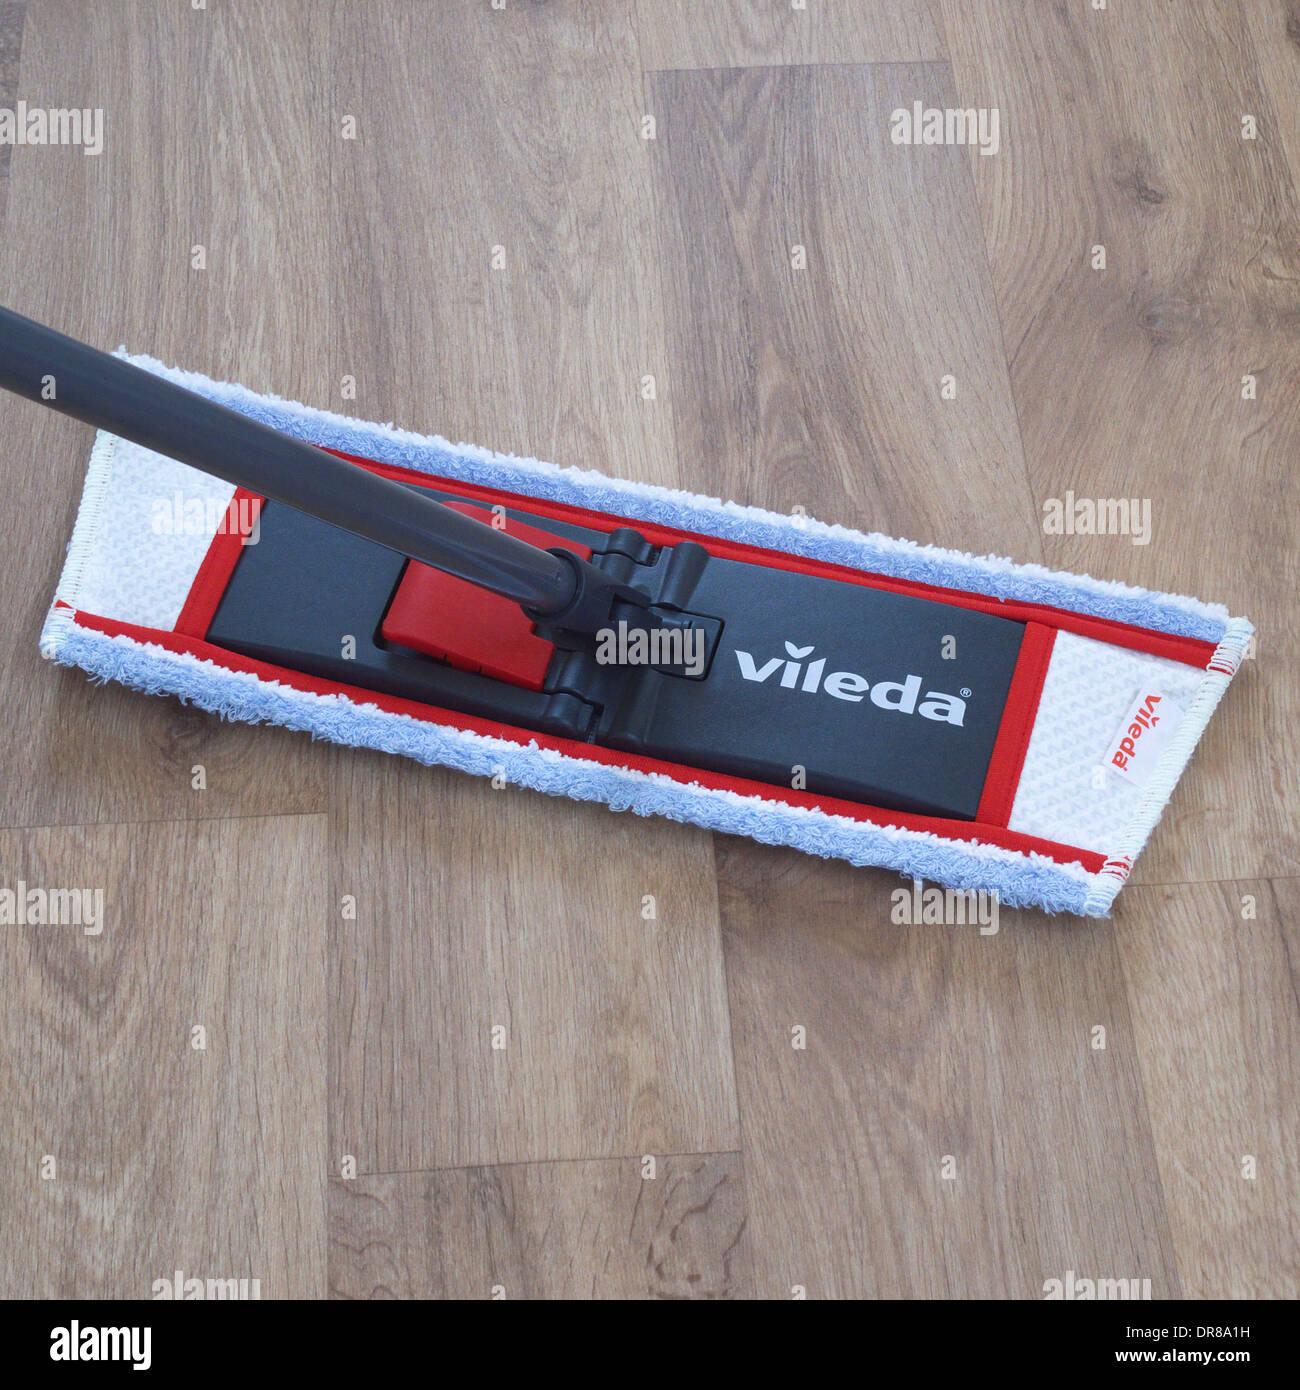 Vileda Mop Mopping a Beech Effect Vinyl Floor - Stock Image